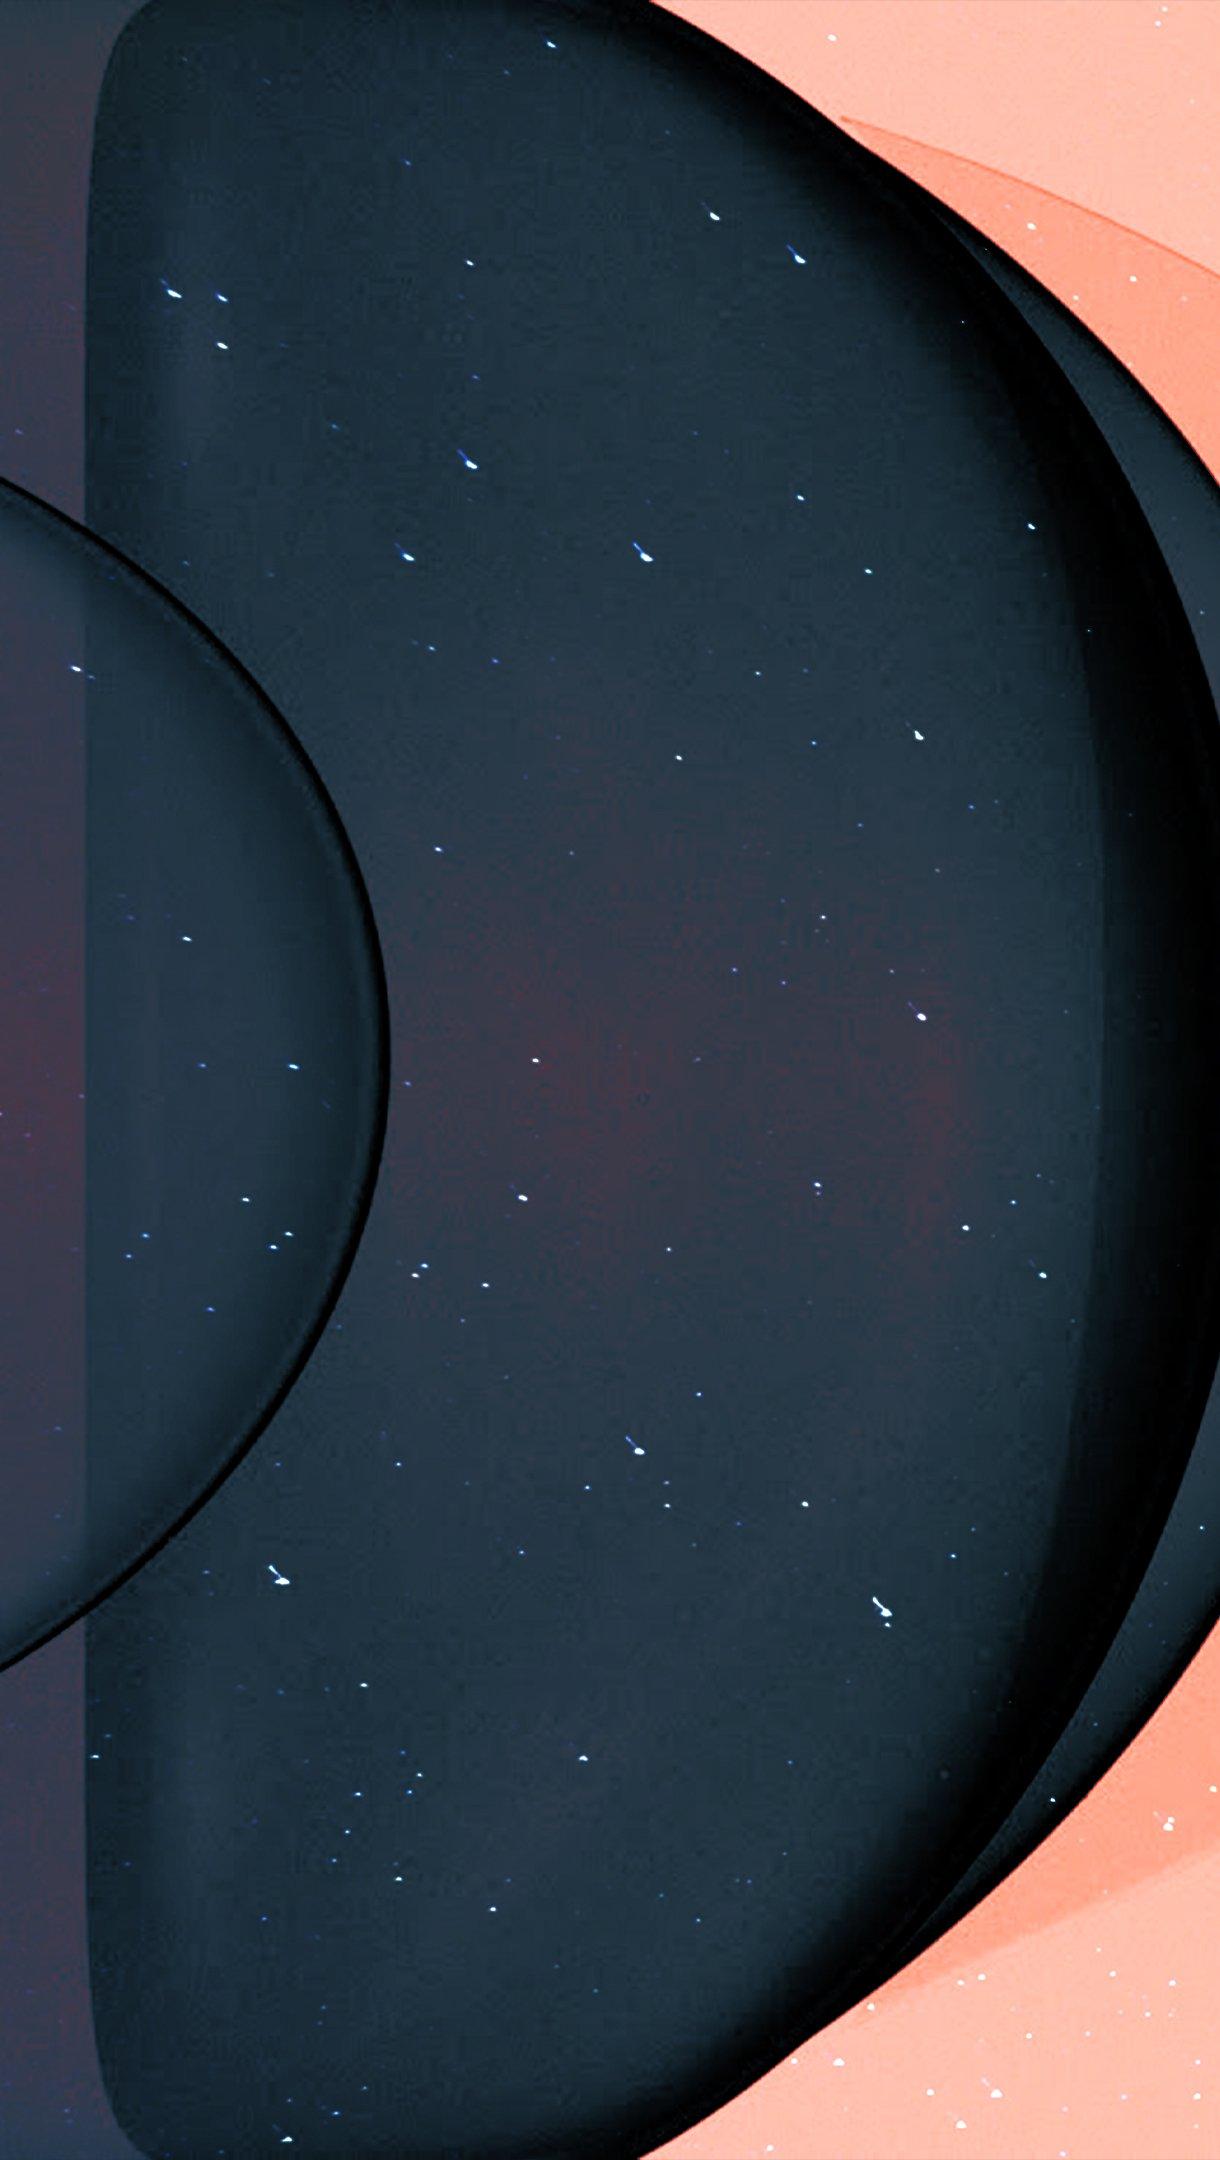 Fondos de pantalla Burbujas abstractas Vertical